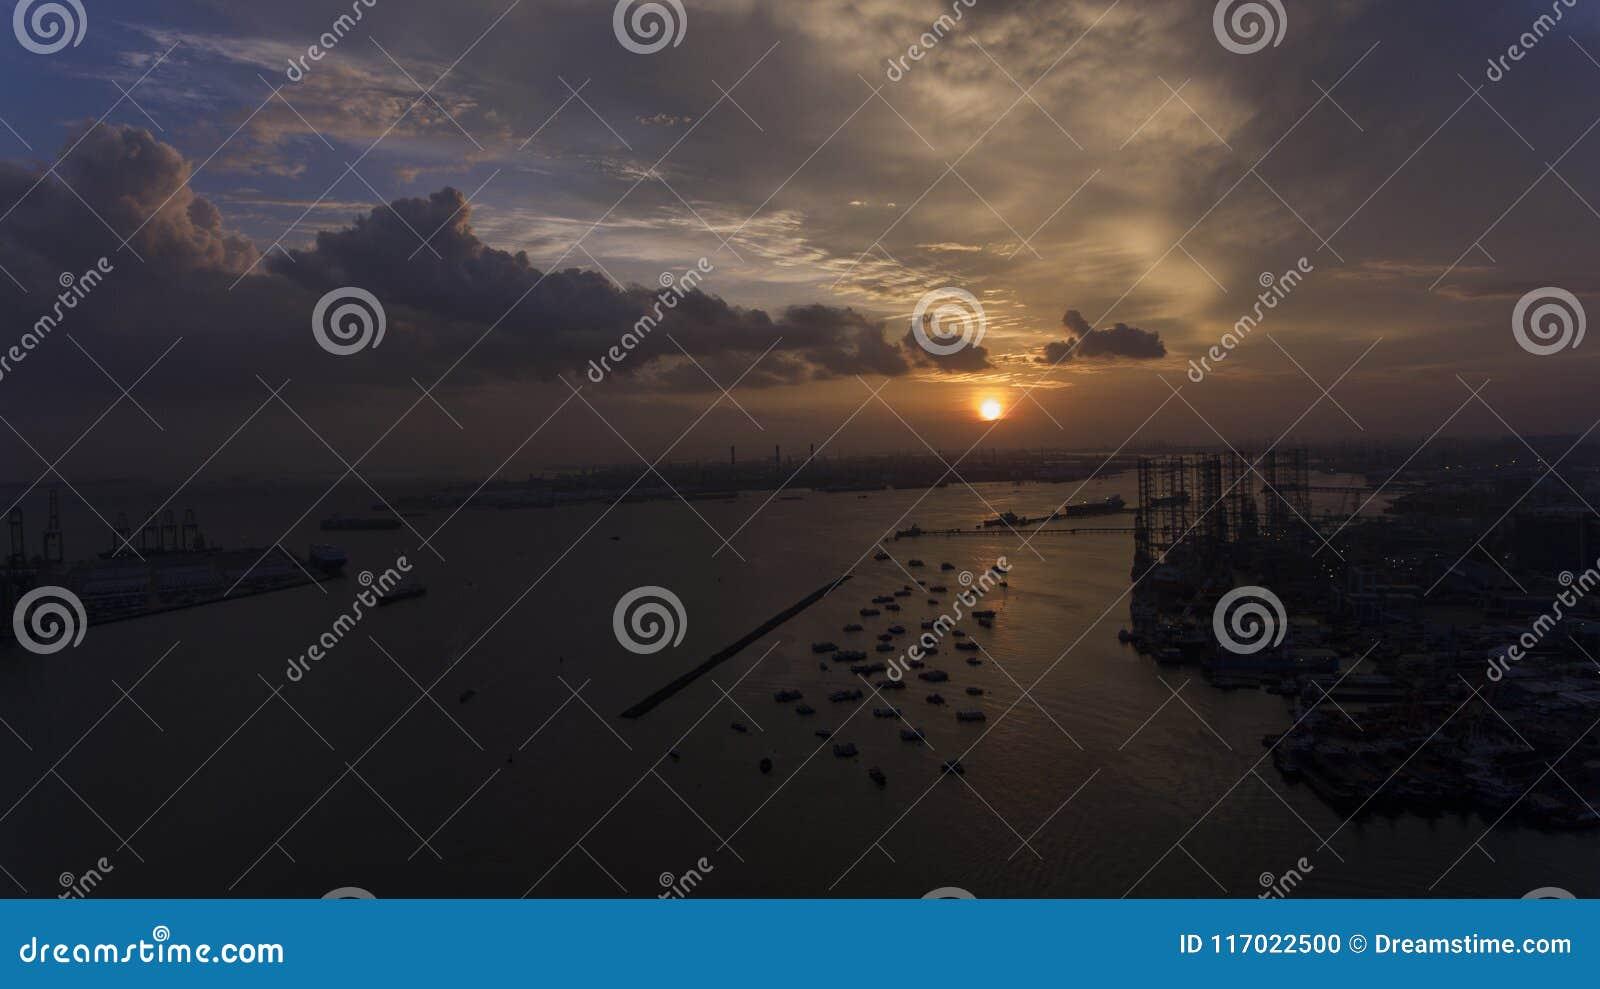 Όμορφο, ζαλίζοντας ηλιοβασίλεμα πέρα από το νερό, πέρα από τις βάρκες σε μια βιομηχανικό αποβάθρα ή έναν λιμένα κοιτάγματος